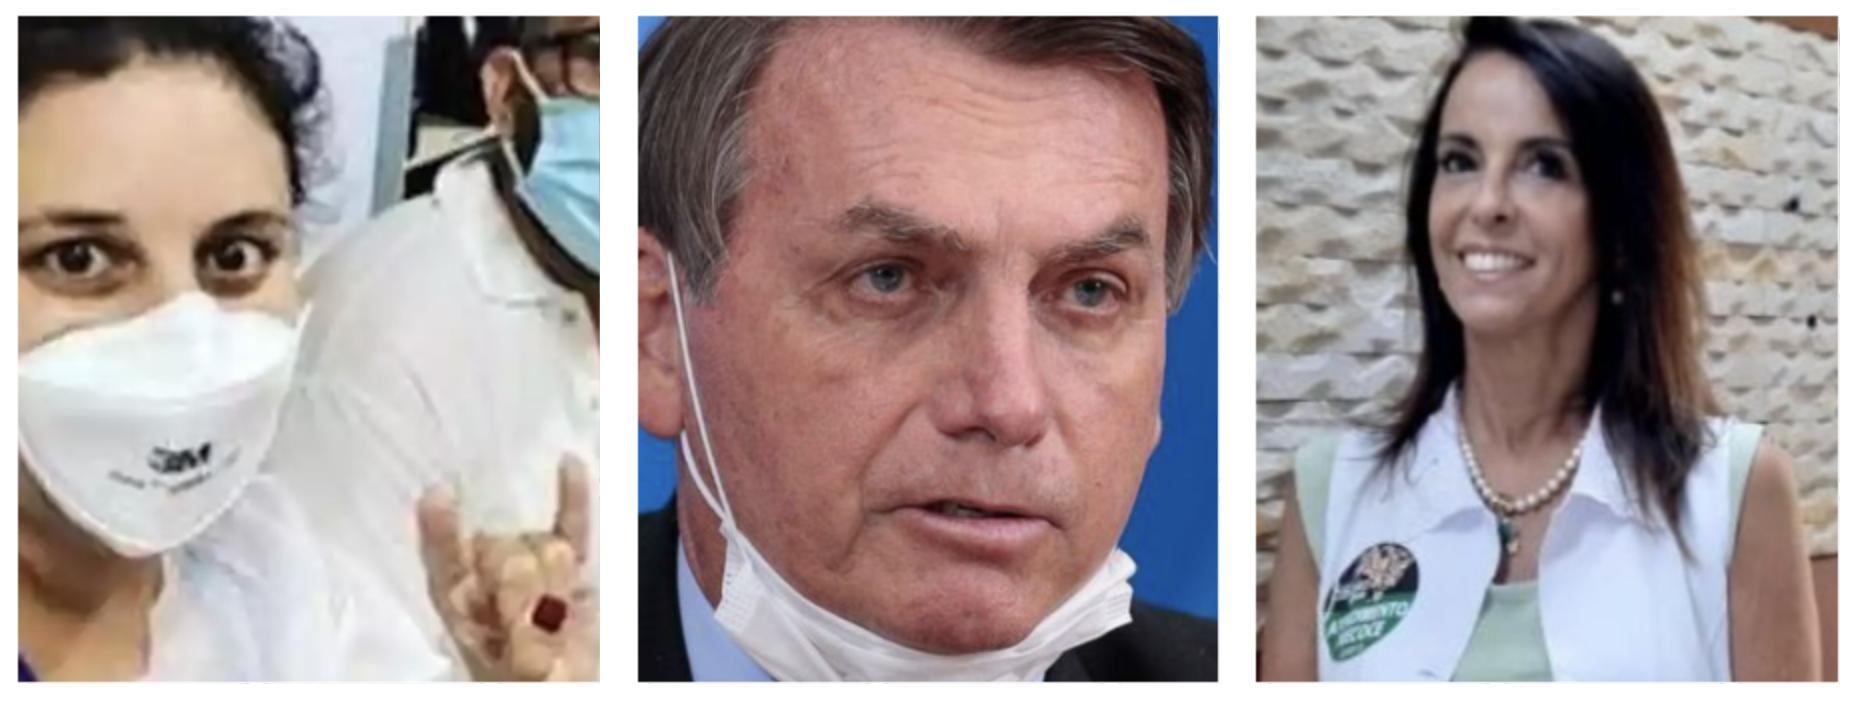 Internauta expõe apoio de Bolsonaro a nebulização com cloroquina, suspeita de matar oito pessoas — e pede que Randolfe leve assunto à CPI